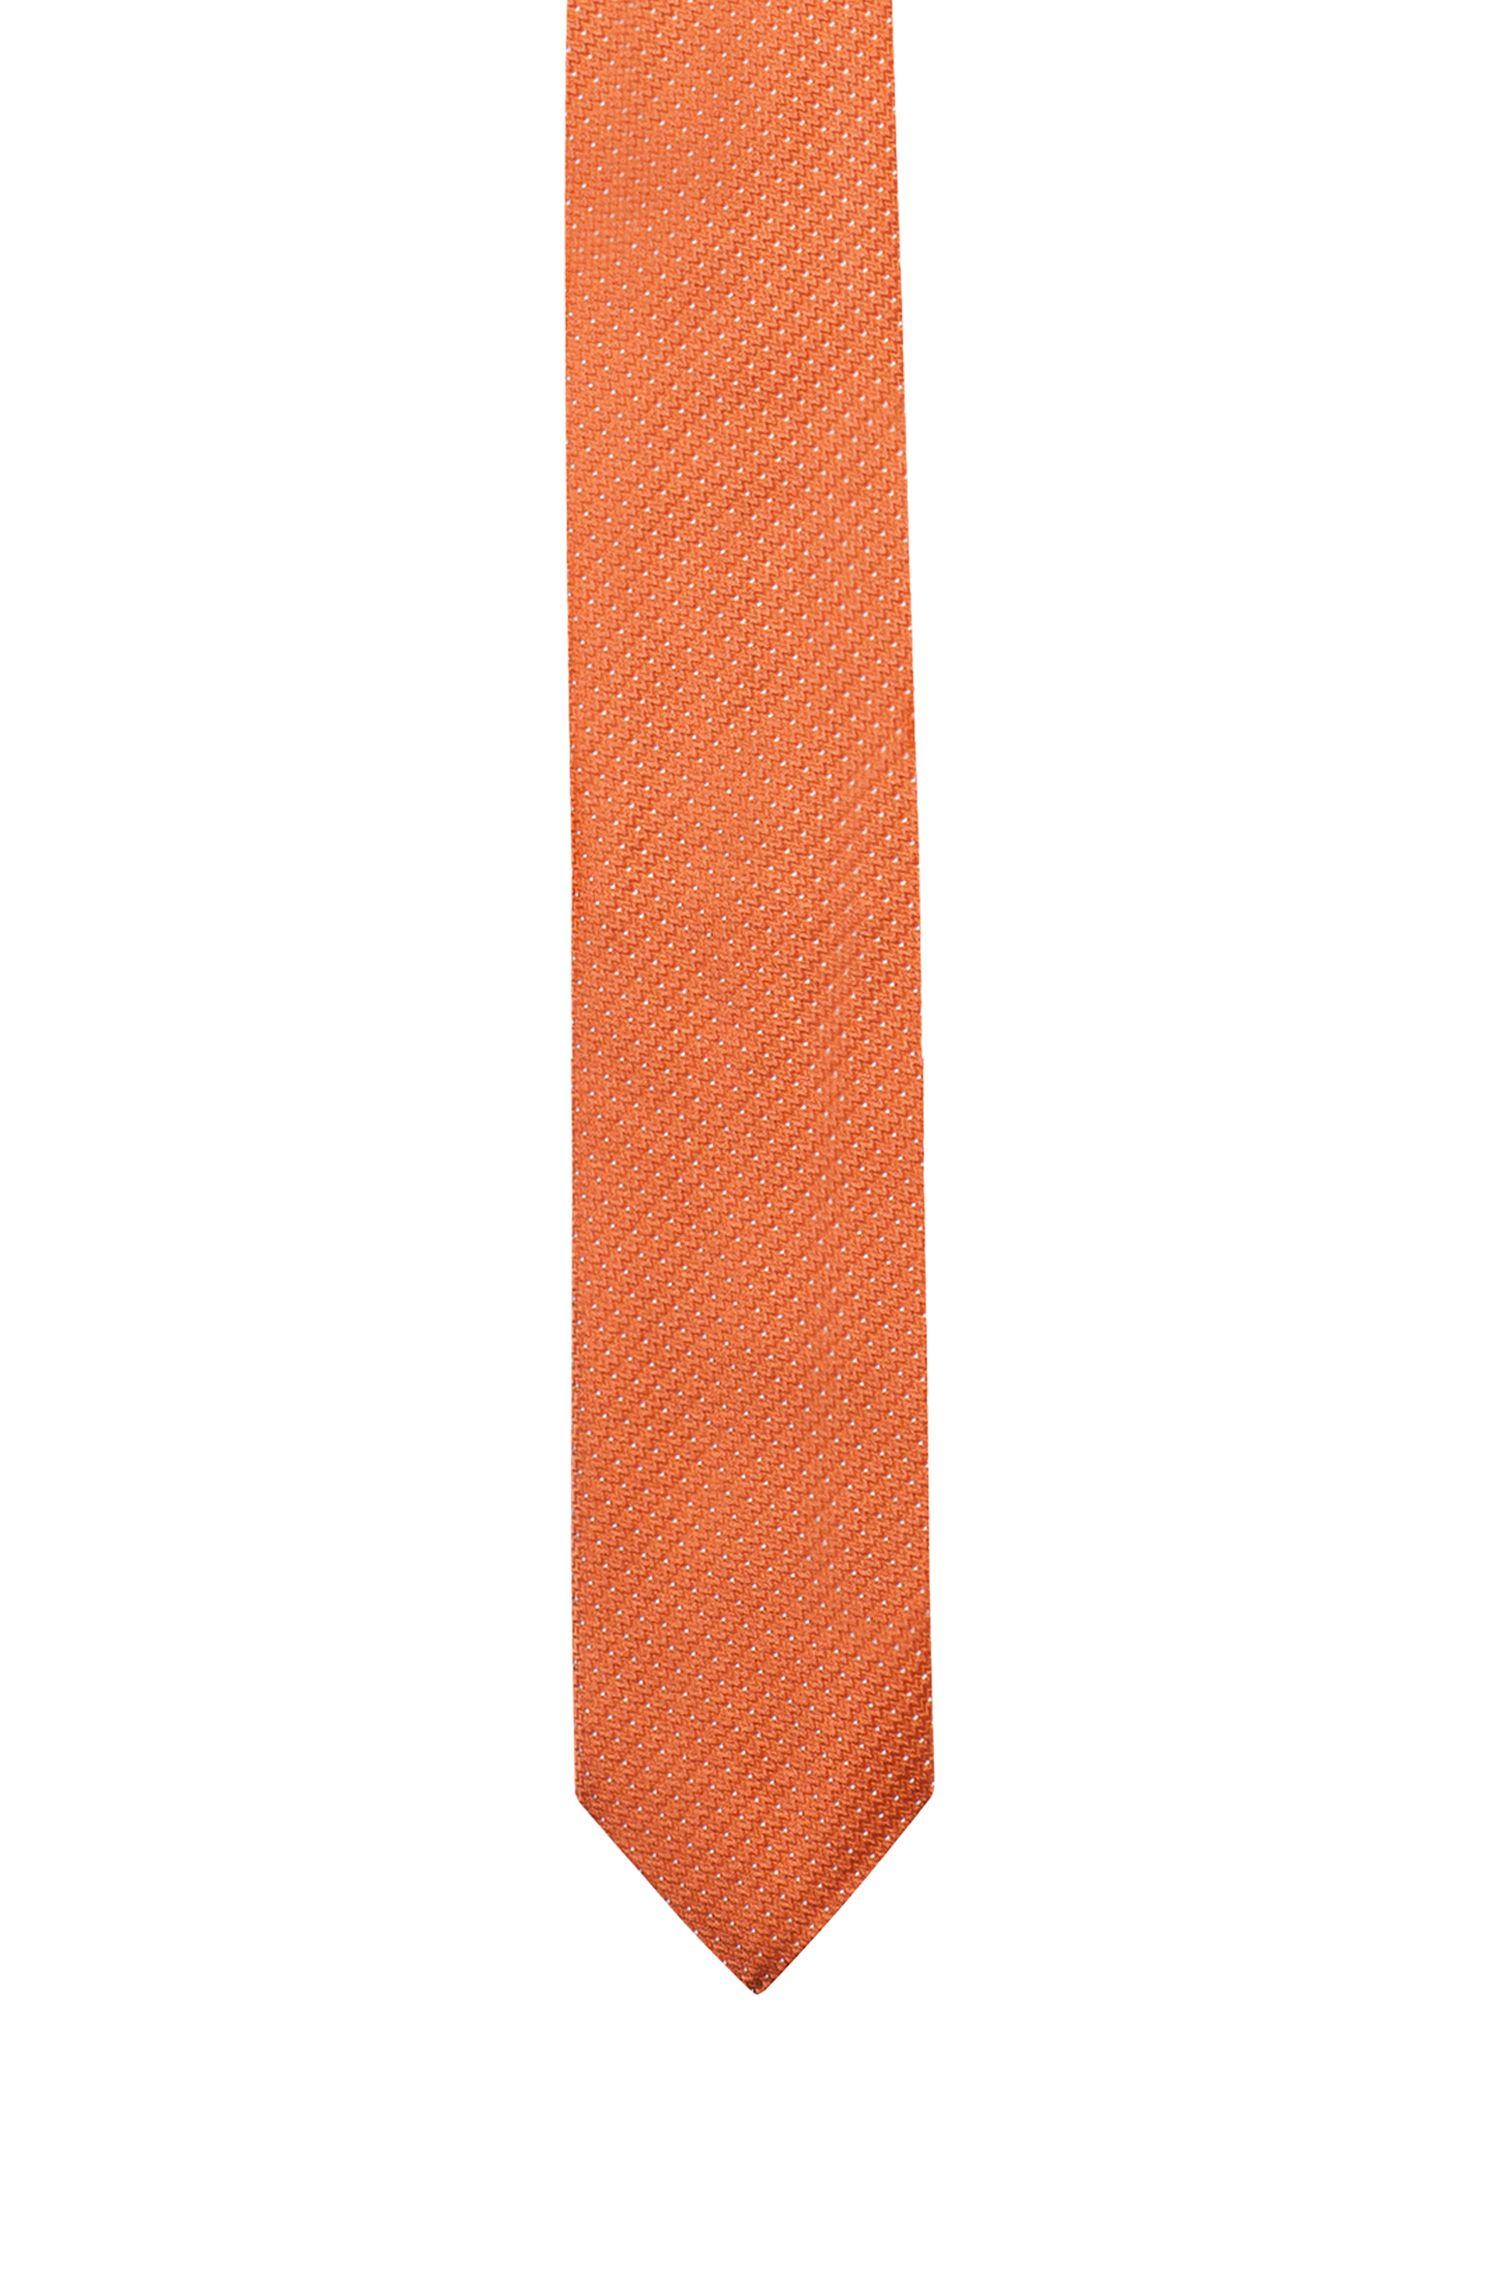 Krawatte aus Seiden-Jacquard mit filigranen Punkten, Orange